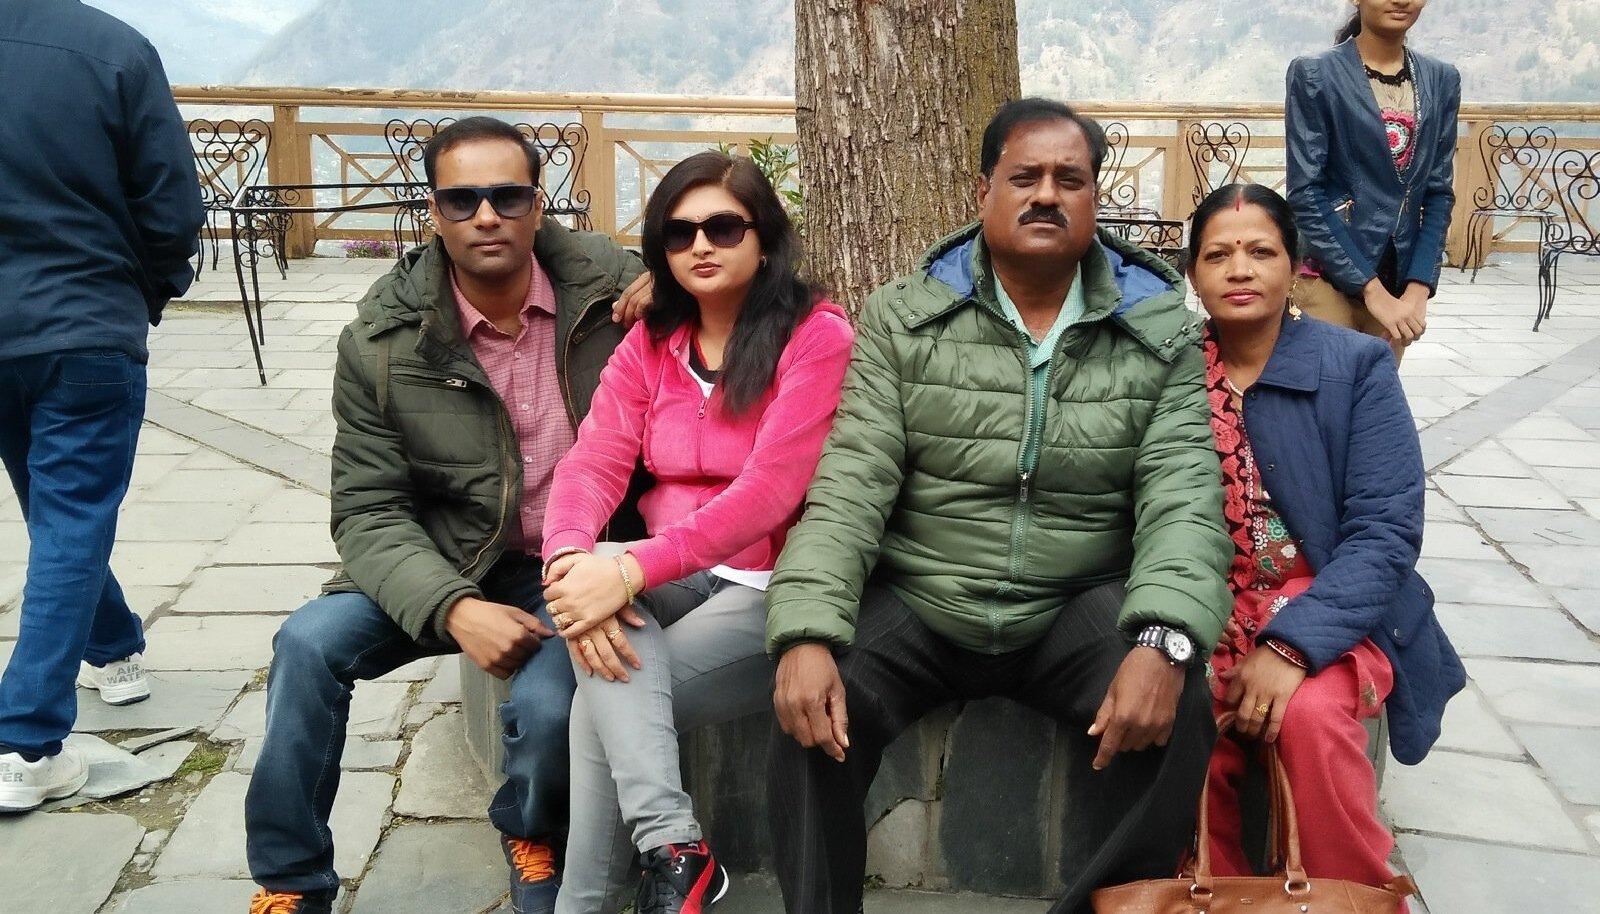 Vishal Sahu (vasakul) koos abikaasa ja vanematega perepuhkusel. Puhkus Euroopas jäi neil aga ära, sest Eesti piirivalve saatis nad koju tagasi.